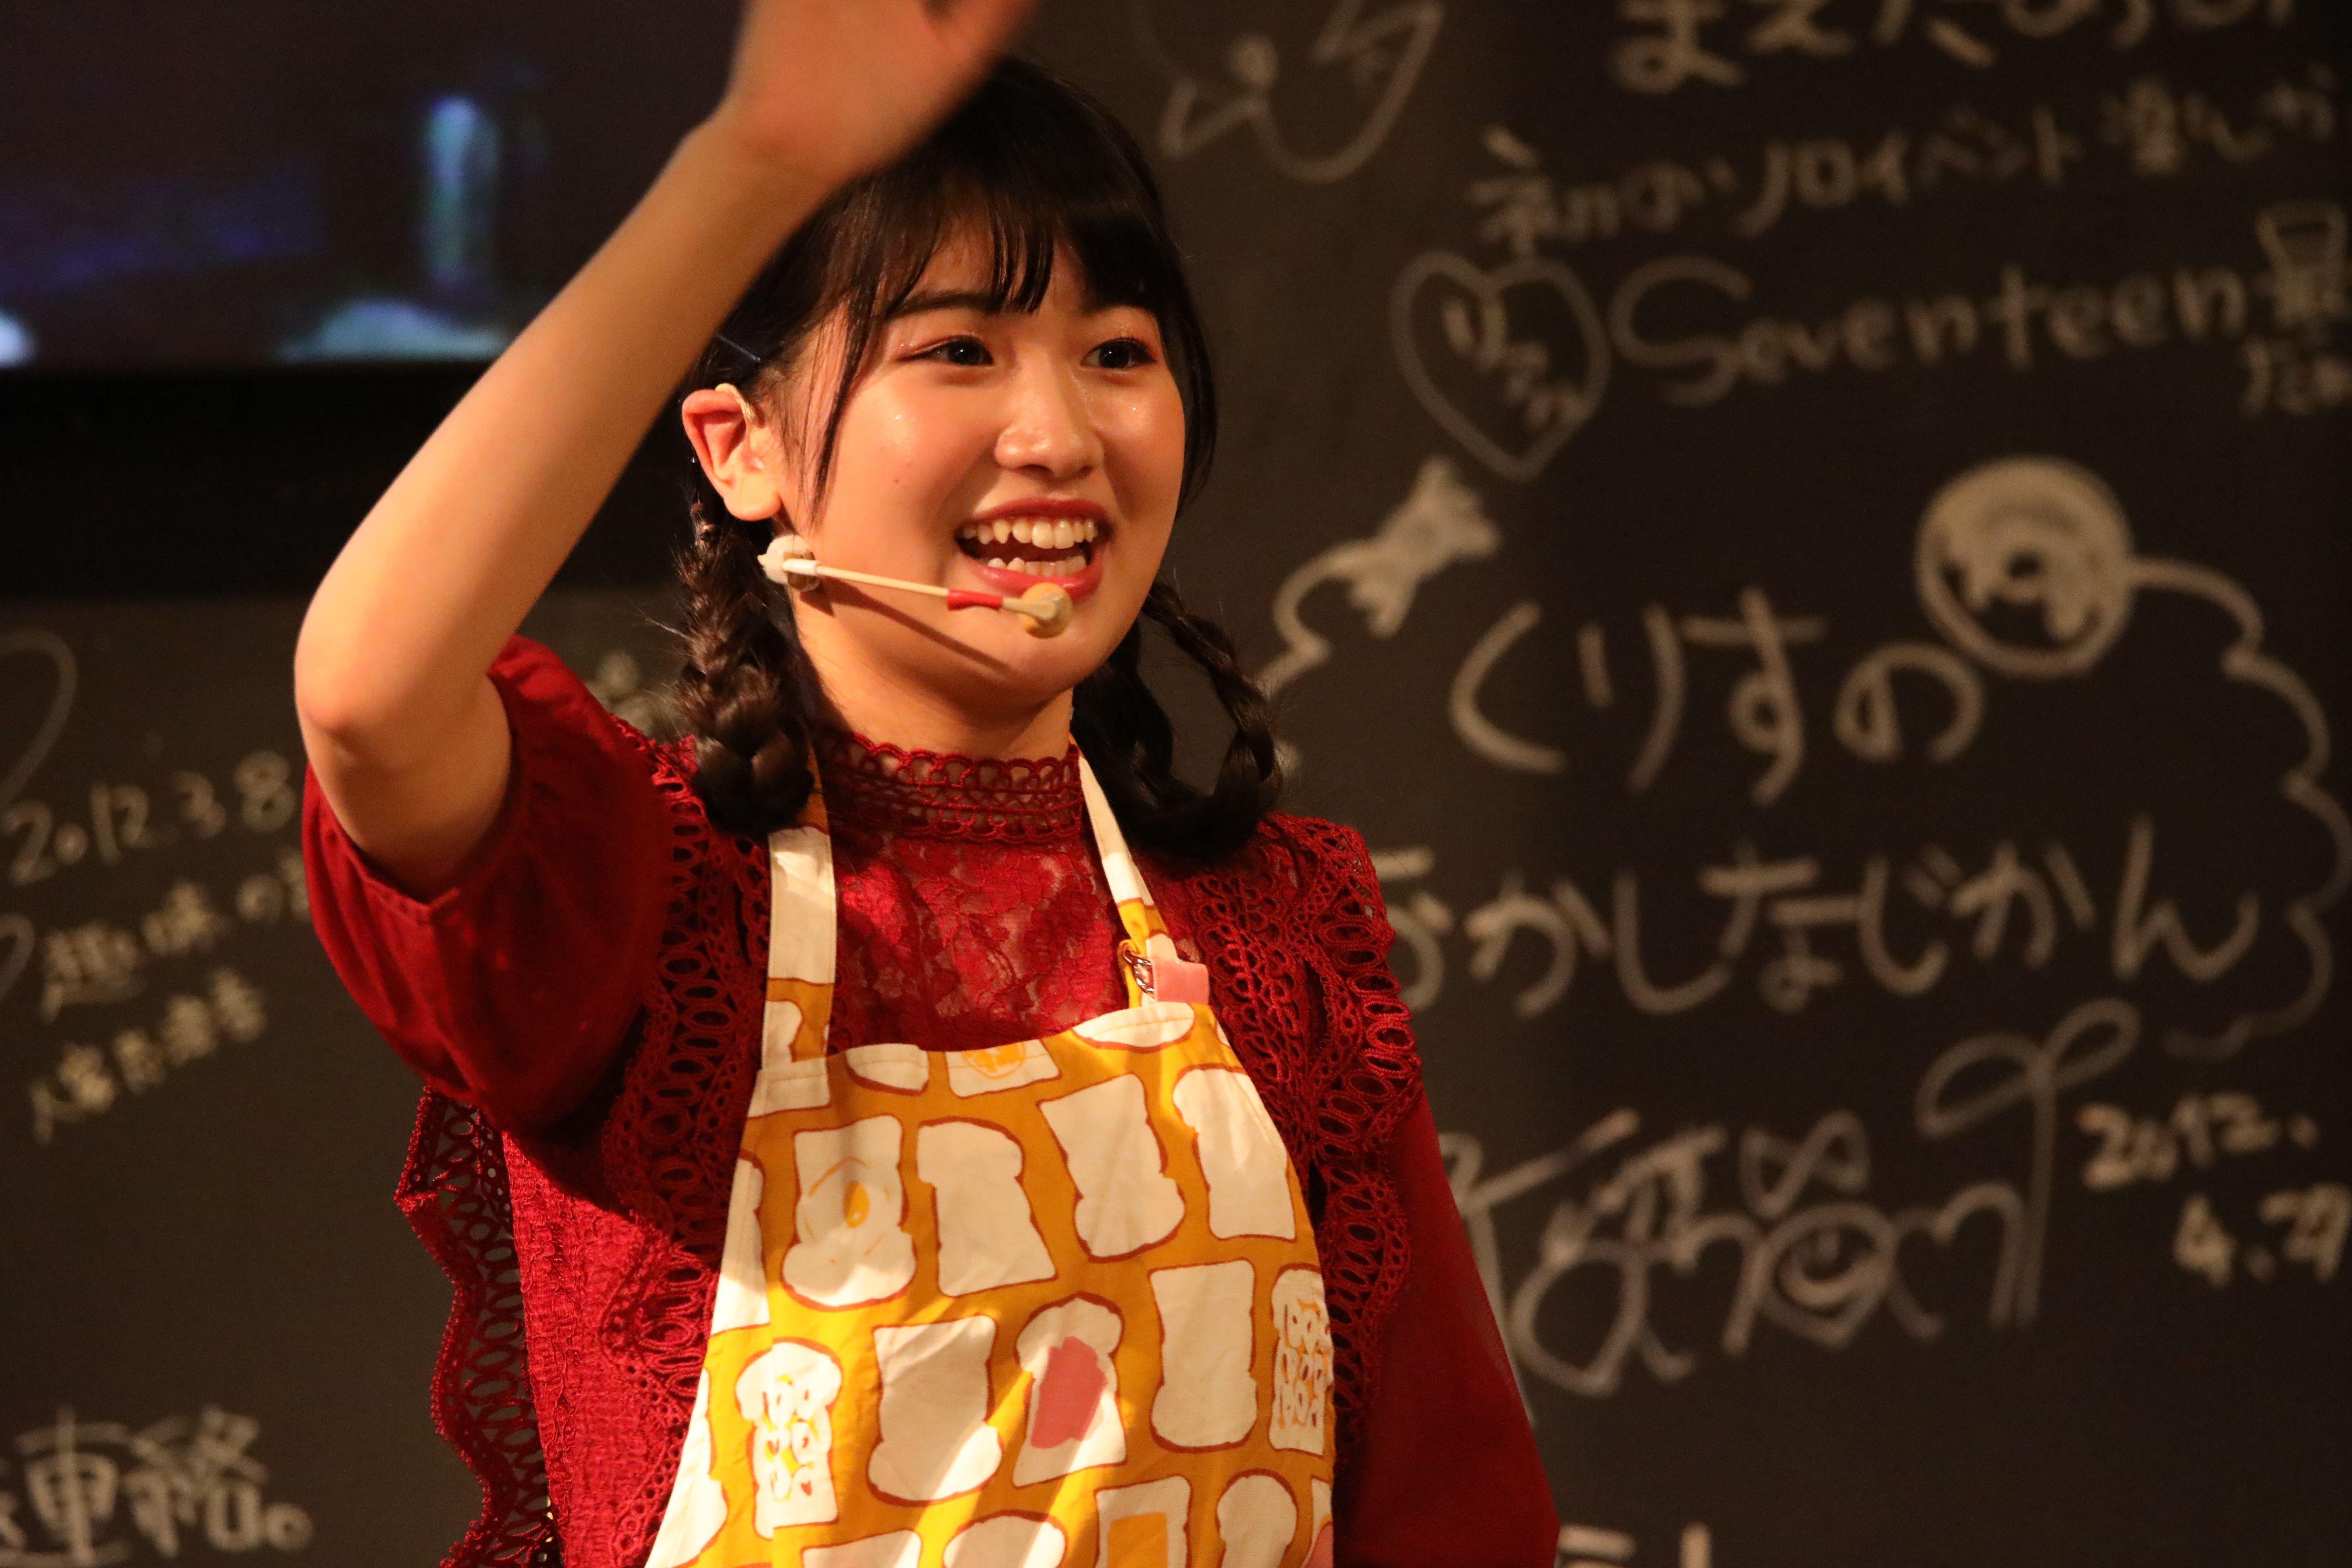 ファンにお別れの挨拶をして手を振る高橋彩香